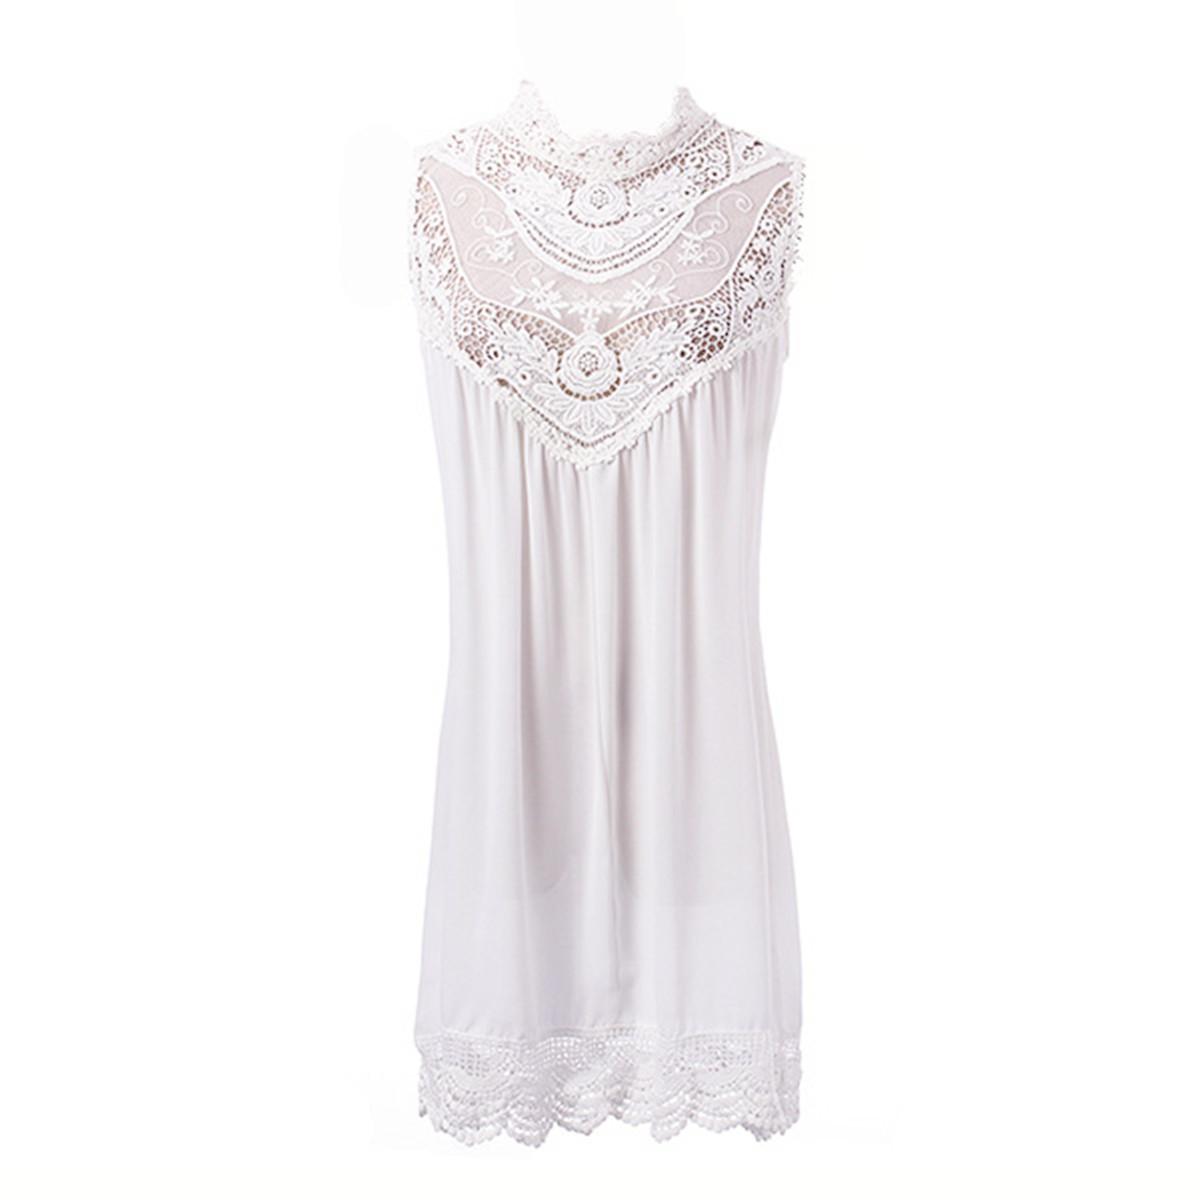 Zanzea Lace Crochet Chiffon Mini Dress (White)